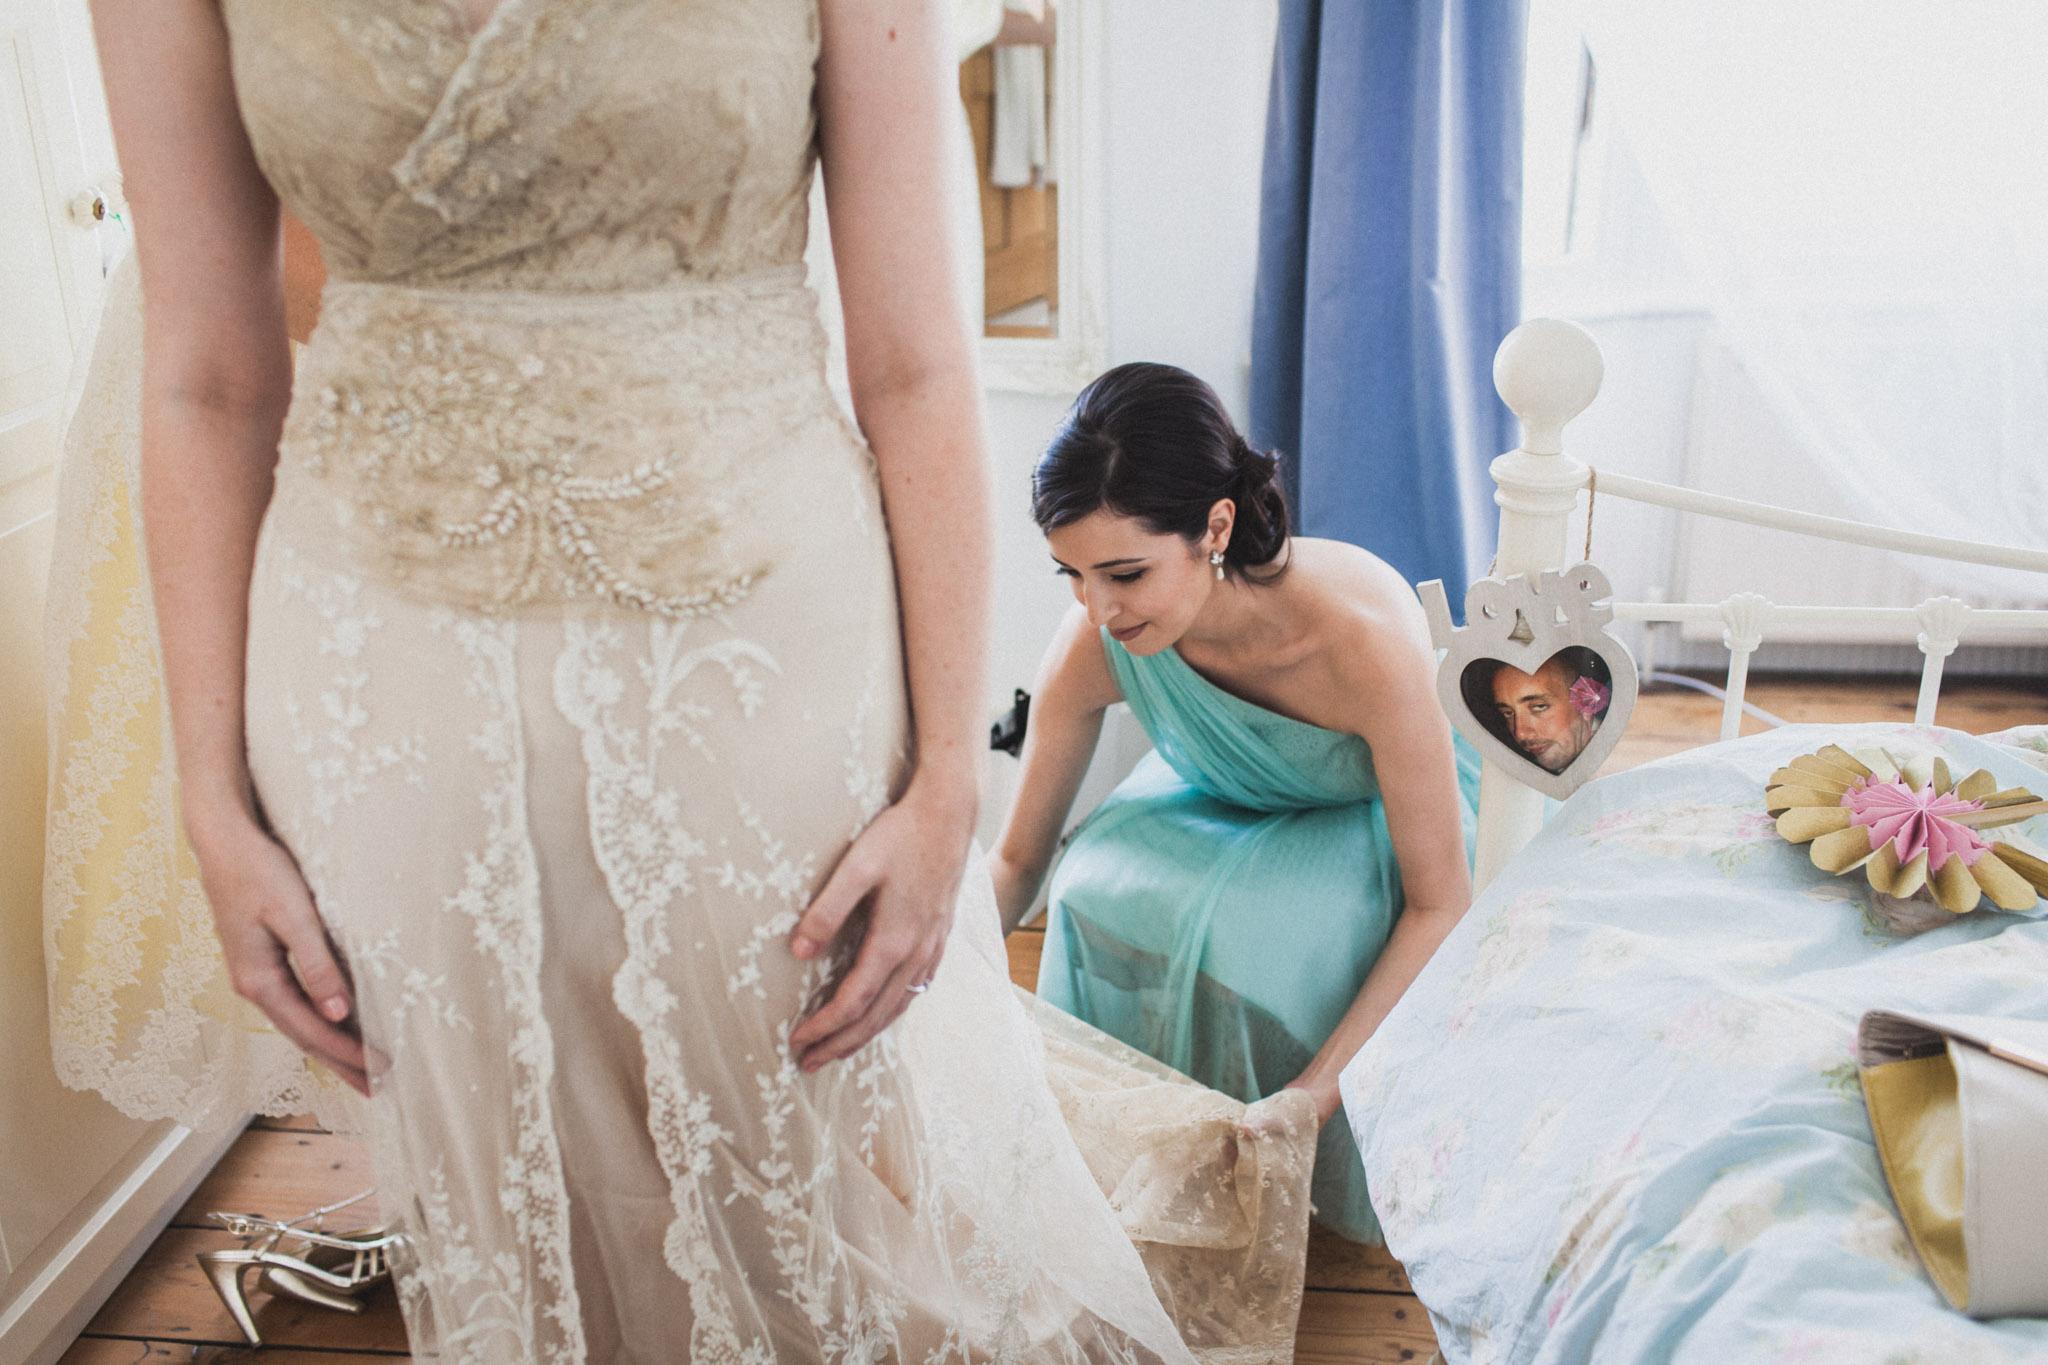 lewes_wedding_photographer_0011.jpg